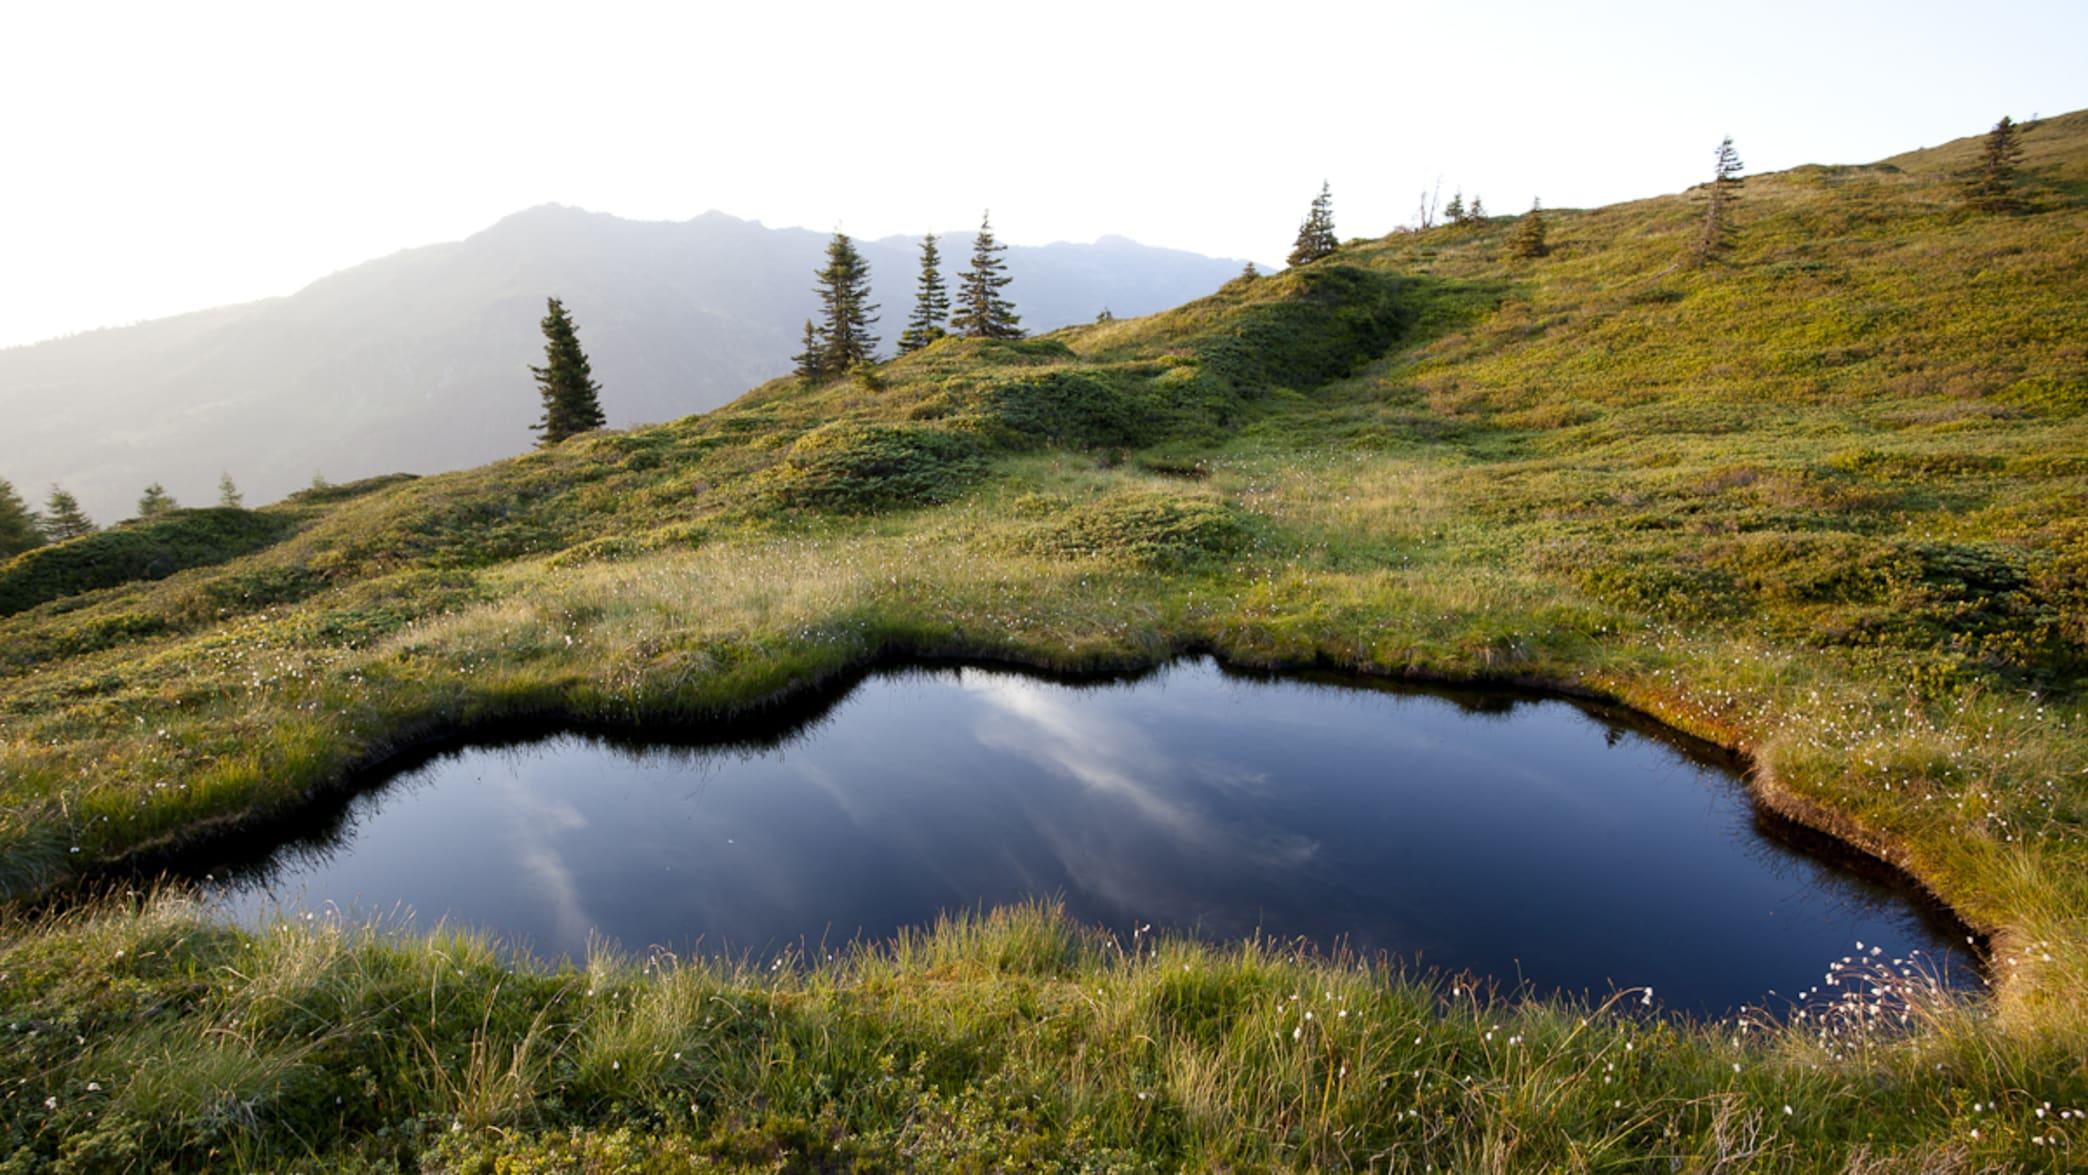 Teich in den Bergen